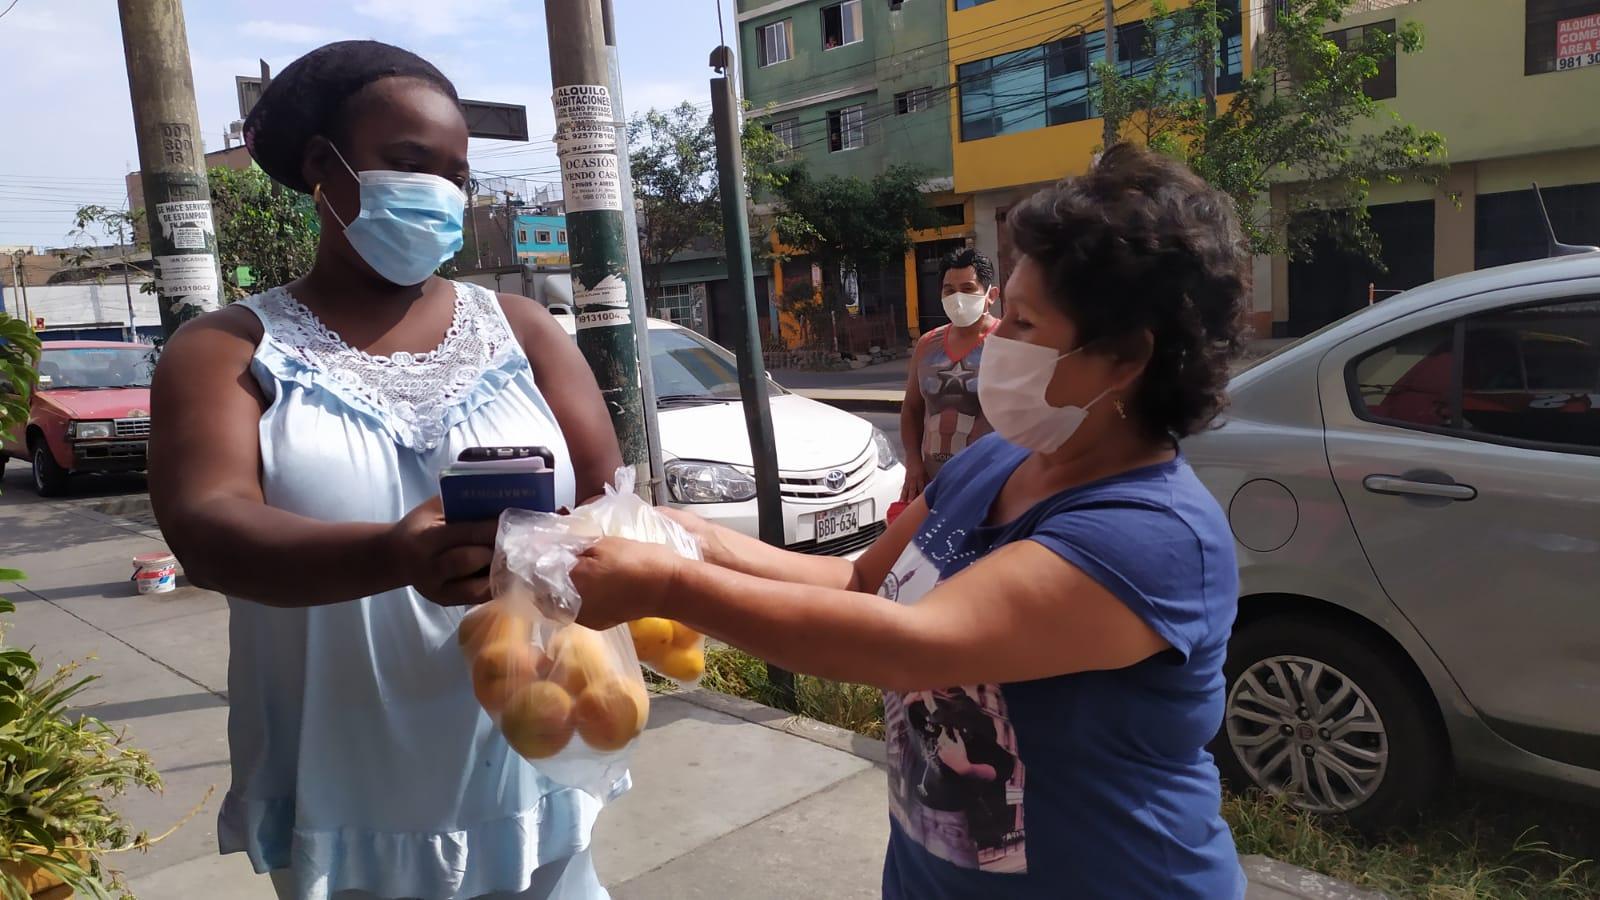 Alicia entrega a Yuneikys una bolsa con frutas. Una muestra de solidaridad en tiempos de aislamiento. Foto: Luis Enrique Pérez / Convoca.pe